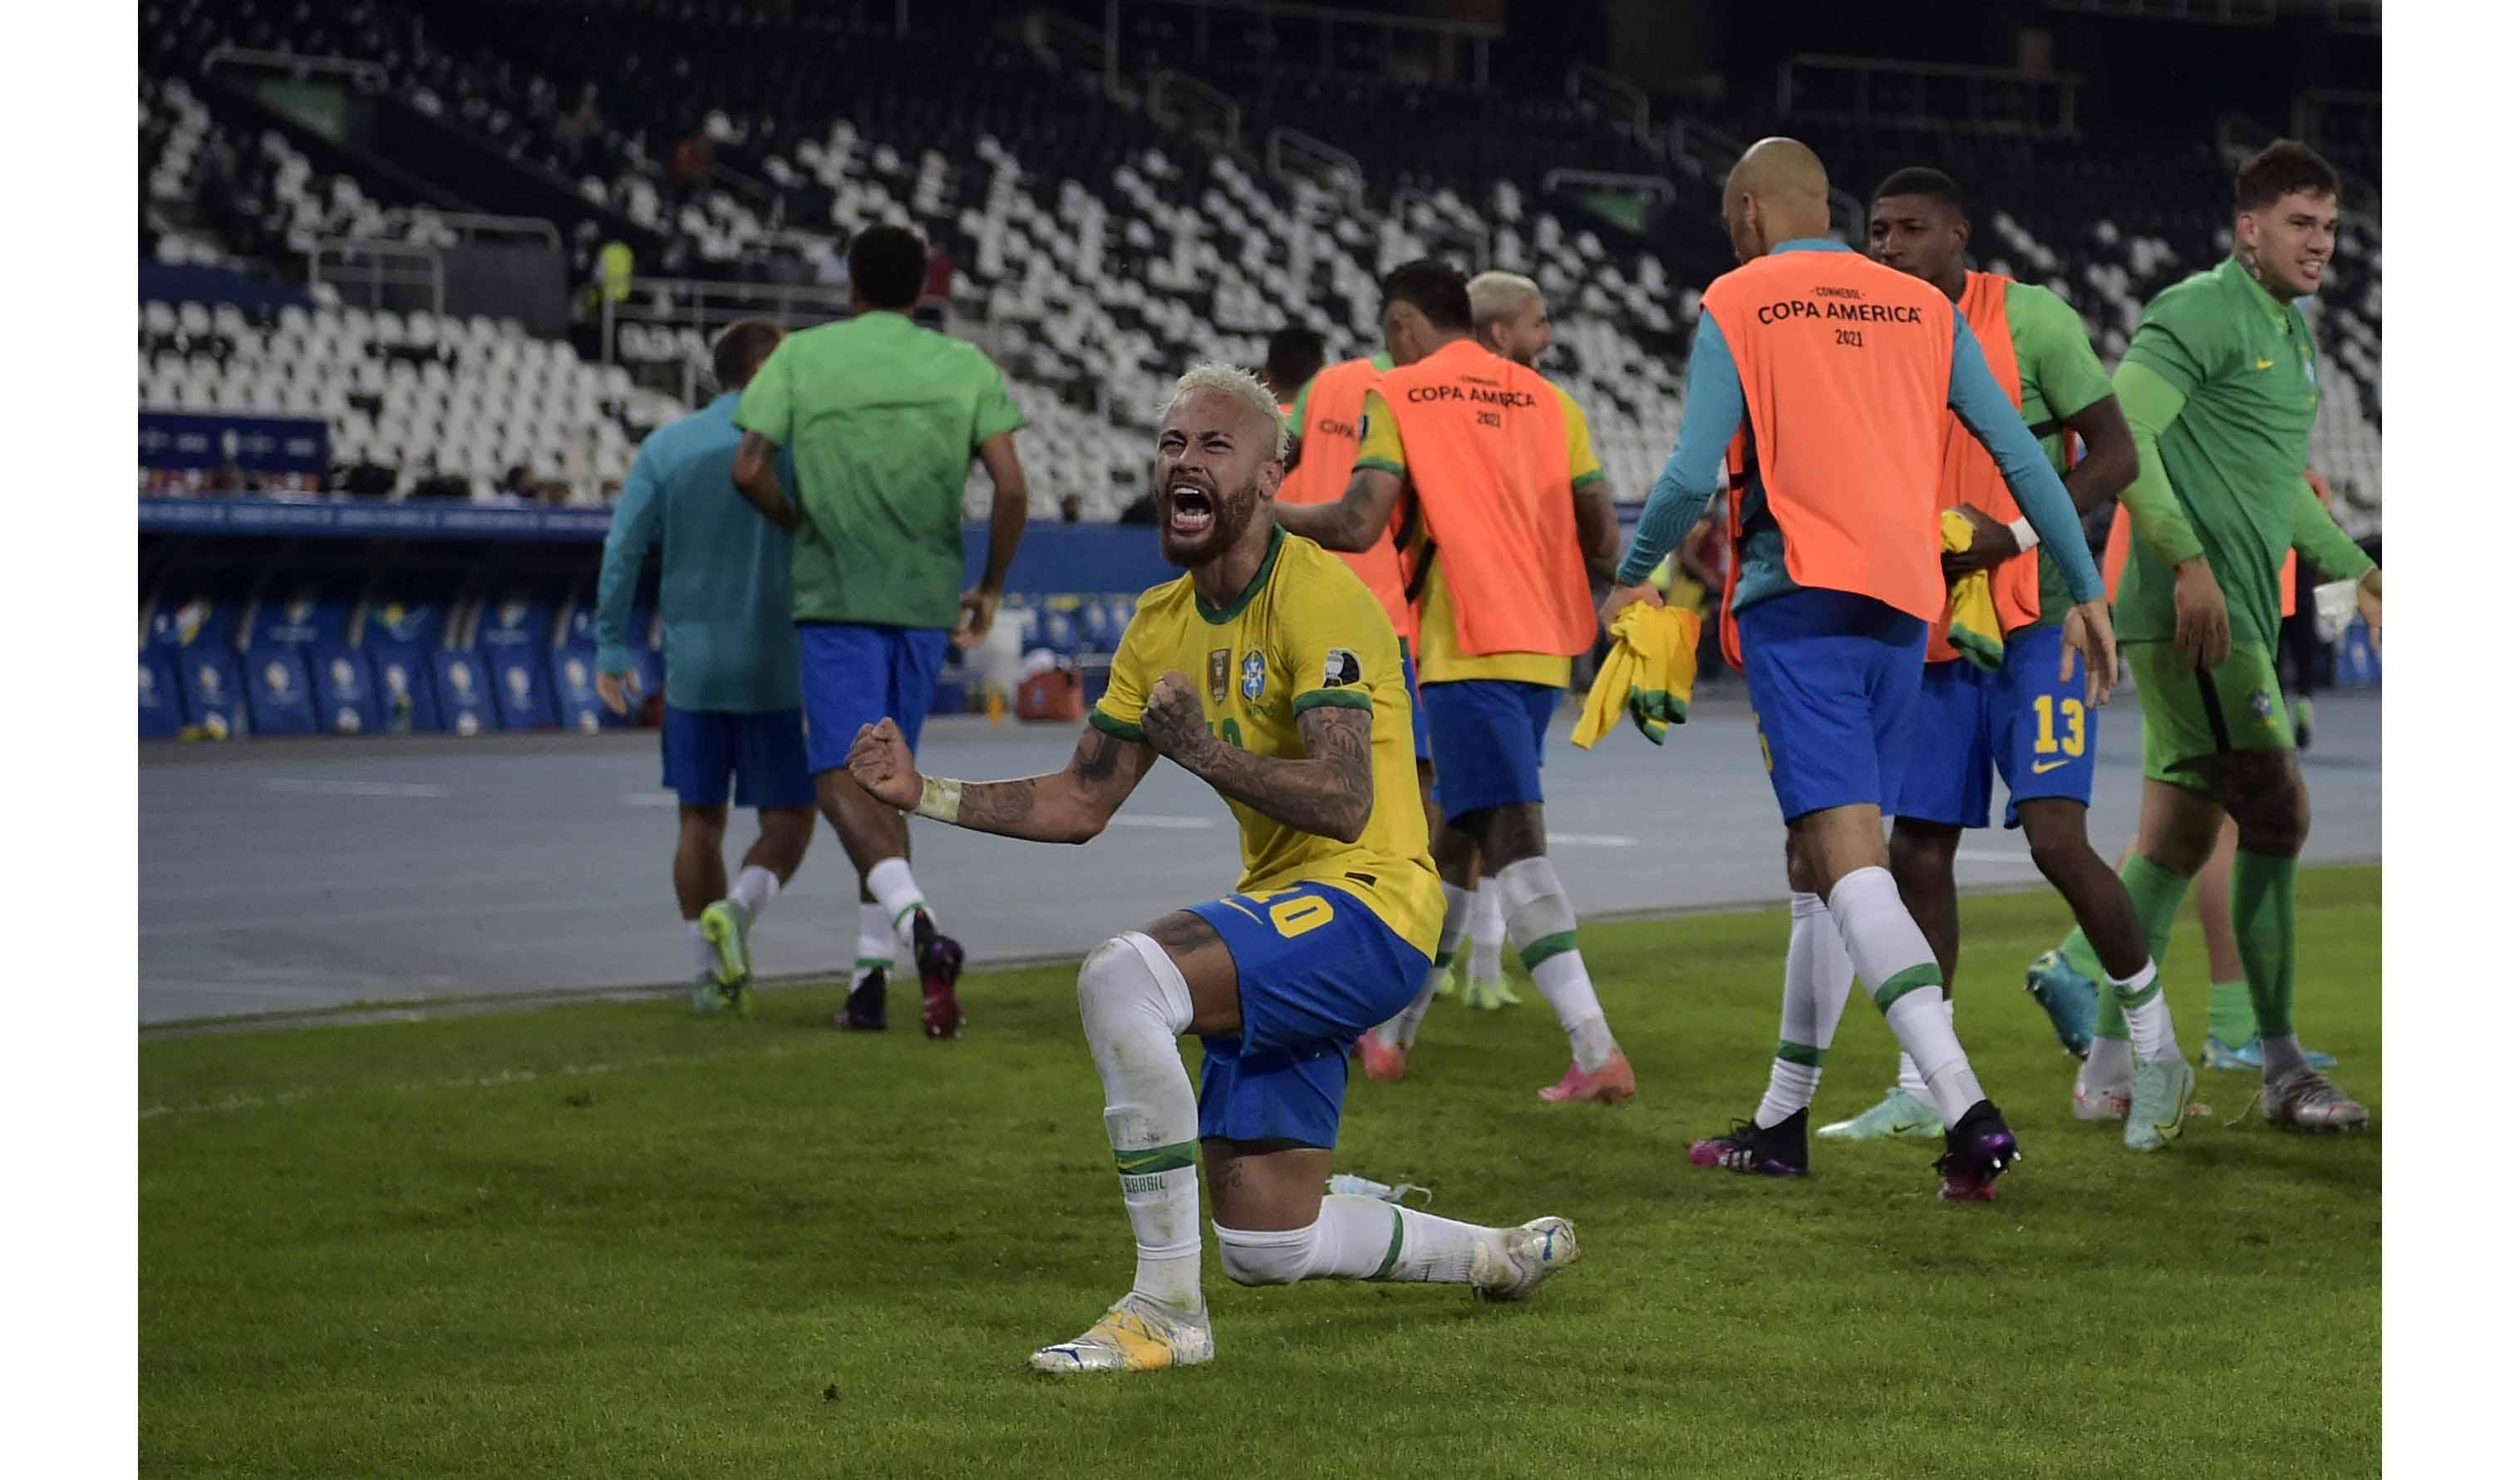 Neymar, su risita, burla y celebración del robo ante Colombia